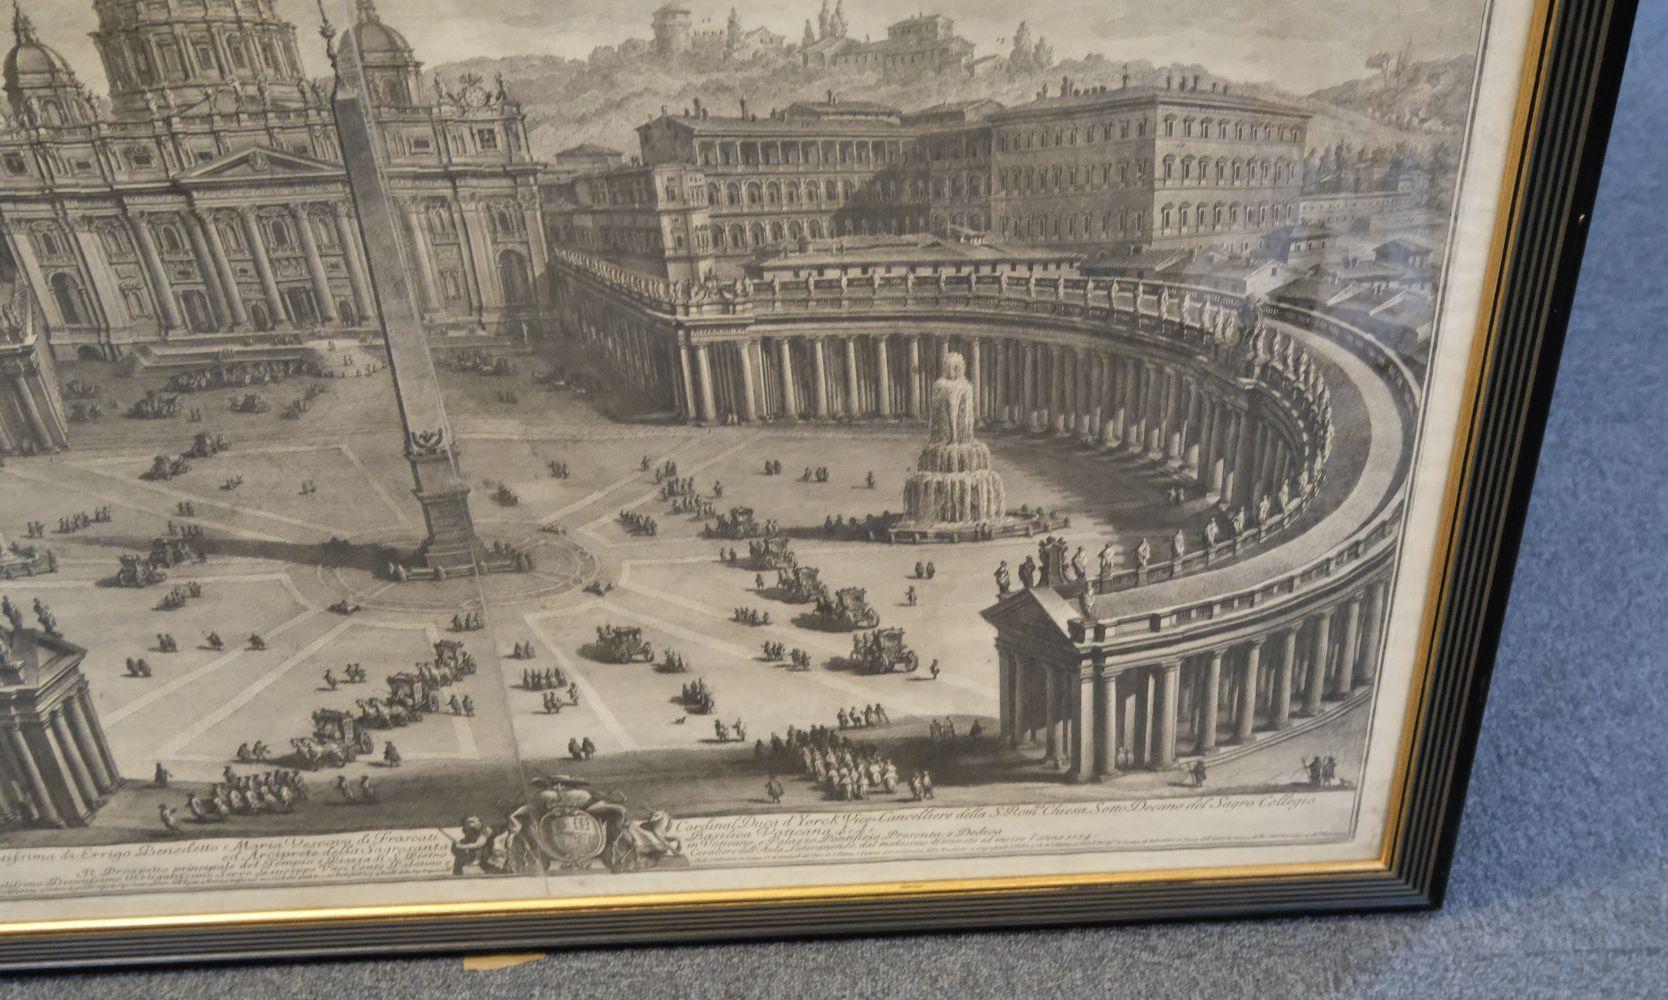 * Vasi (Giuseppe, 1710-1782). Prospetto principale del Tempio e Piazza di S. Pietro, 1774 - Image 5 of 6